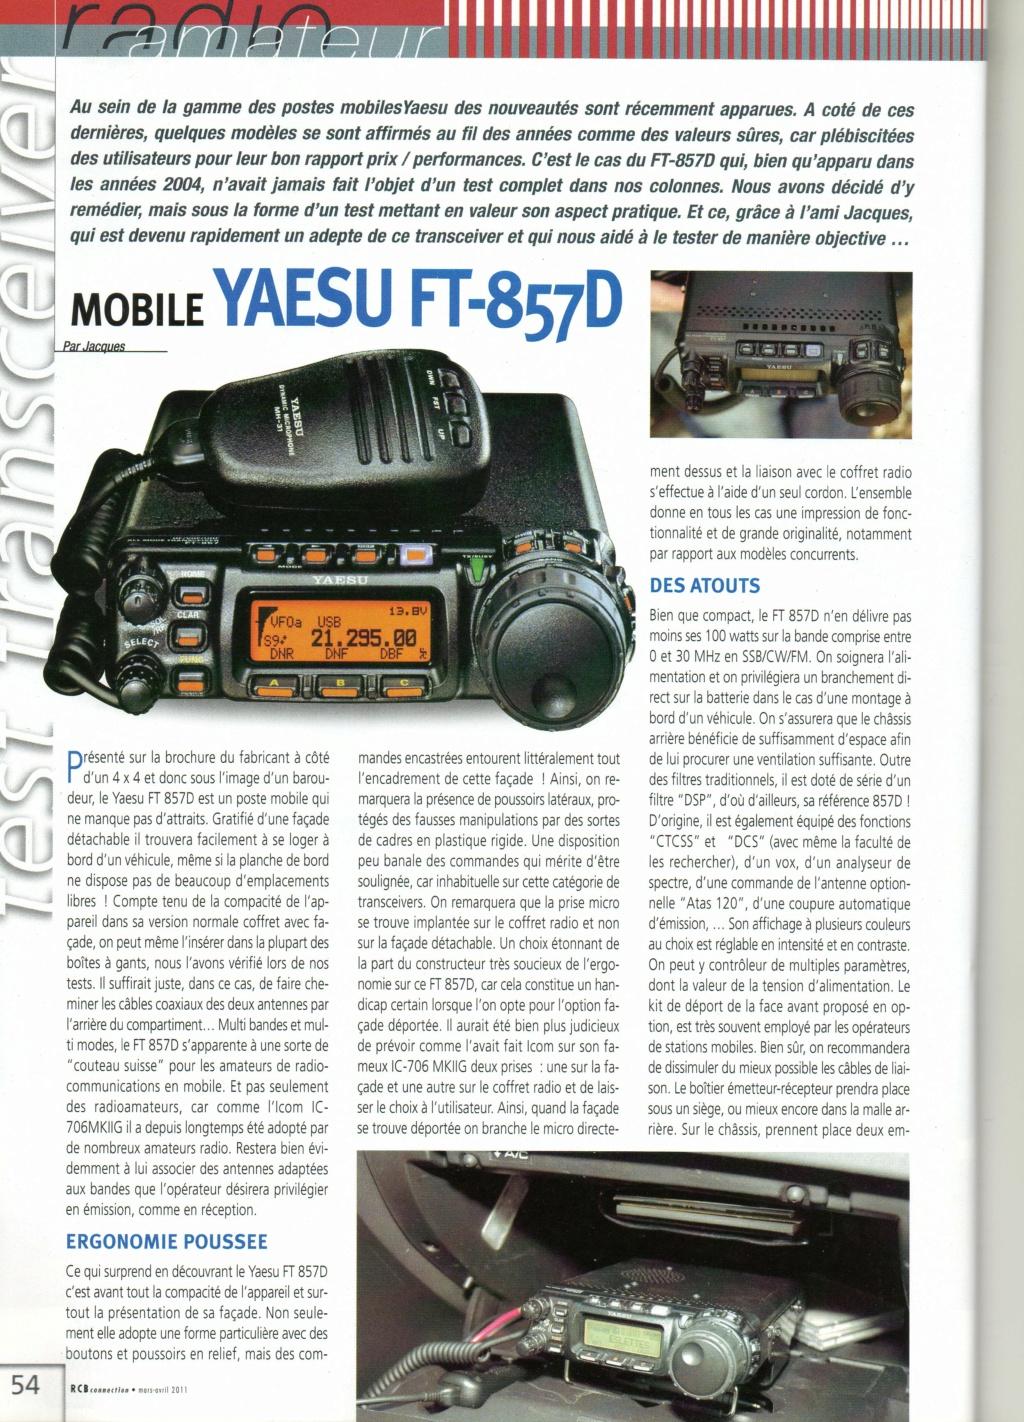 Yaesu FT-857D Chora486